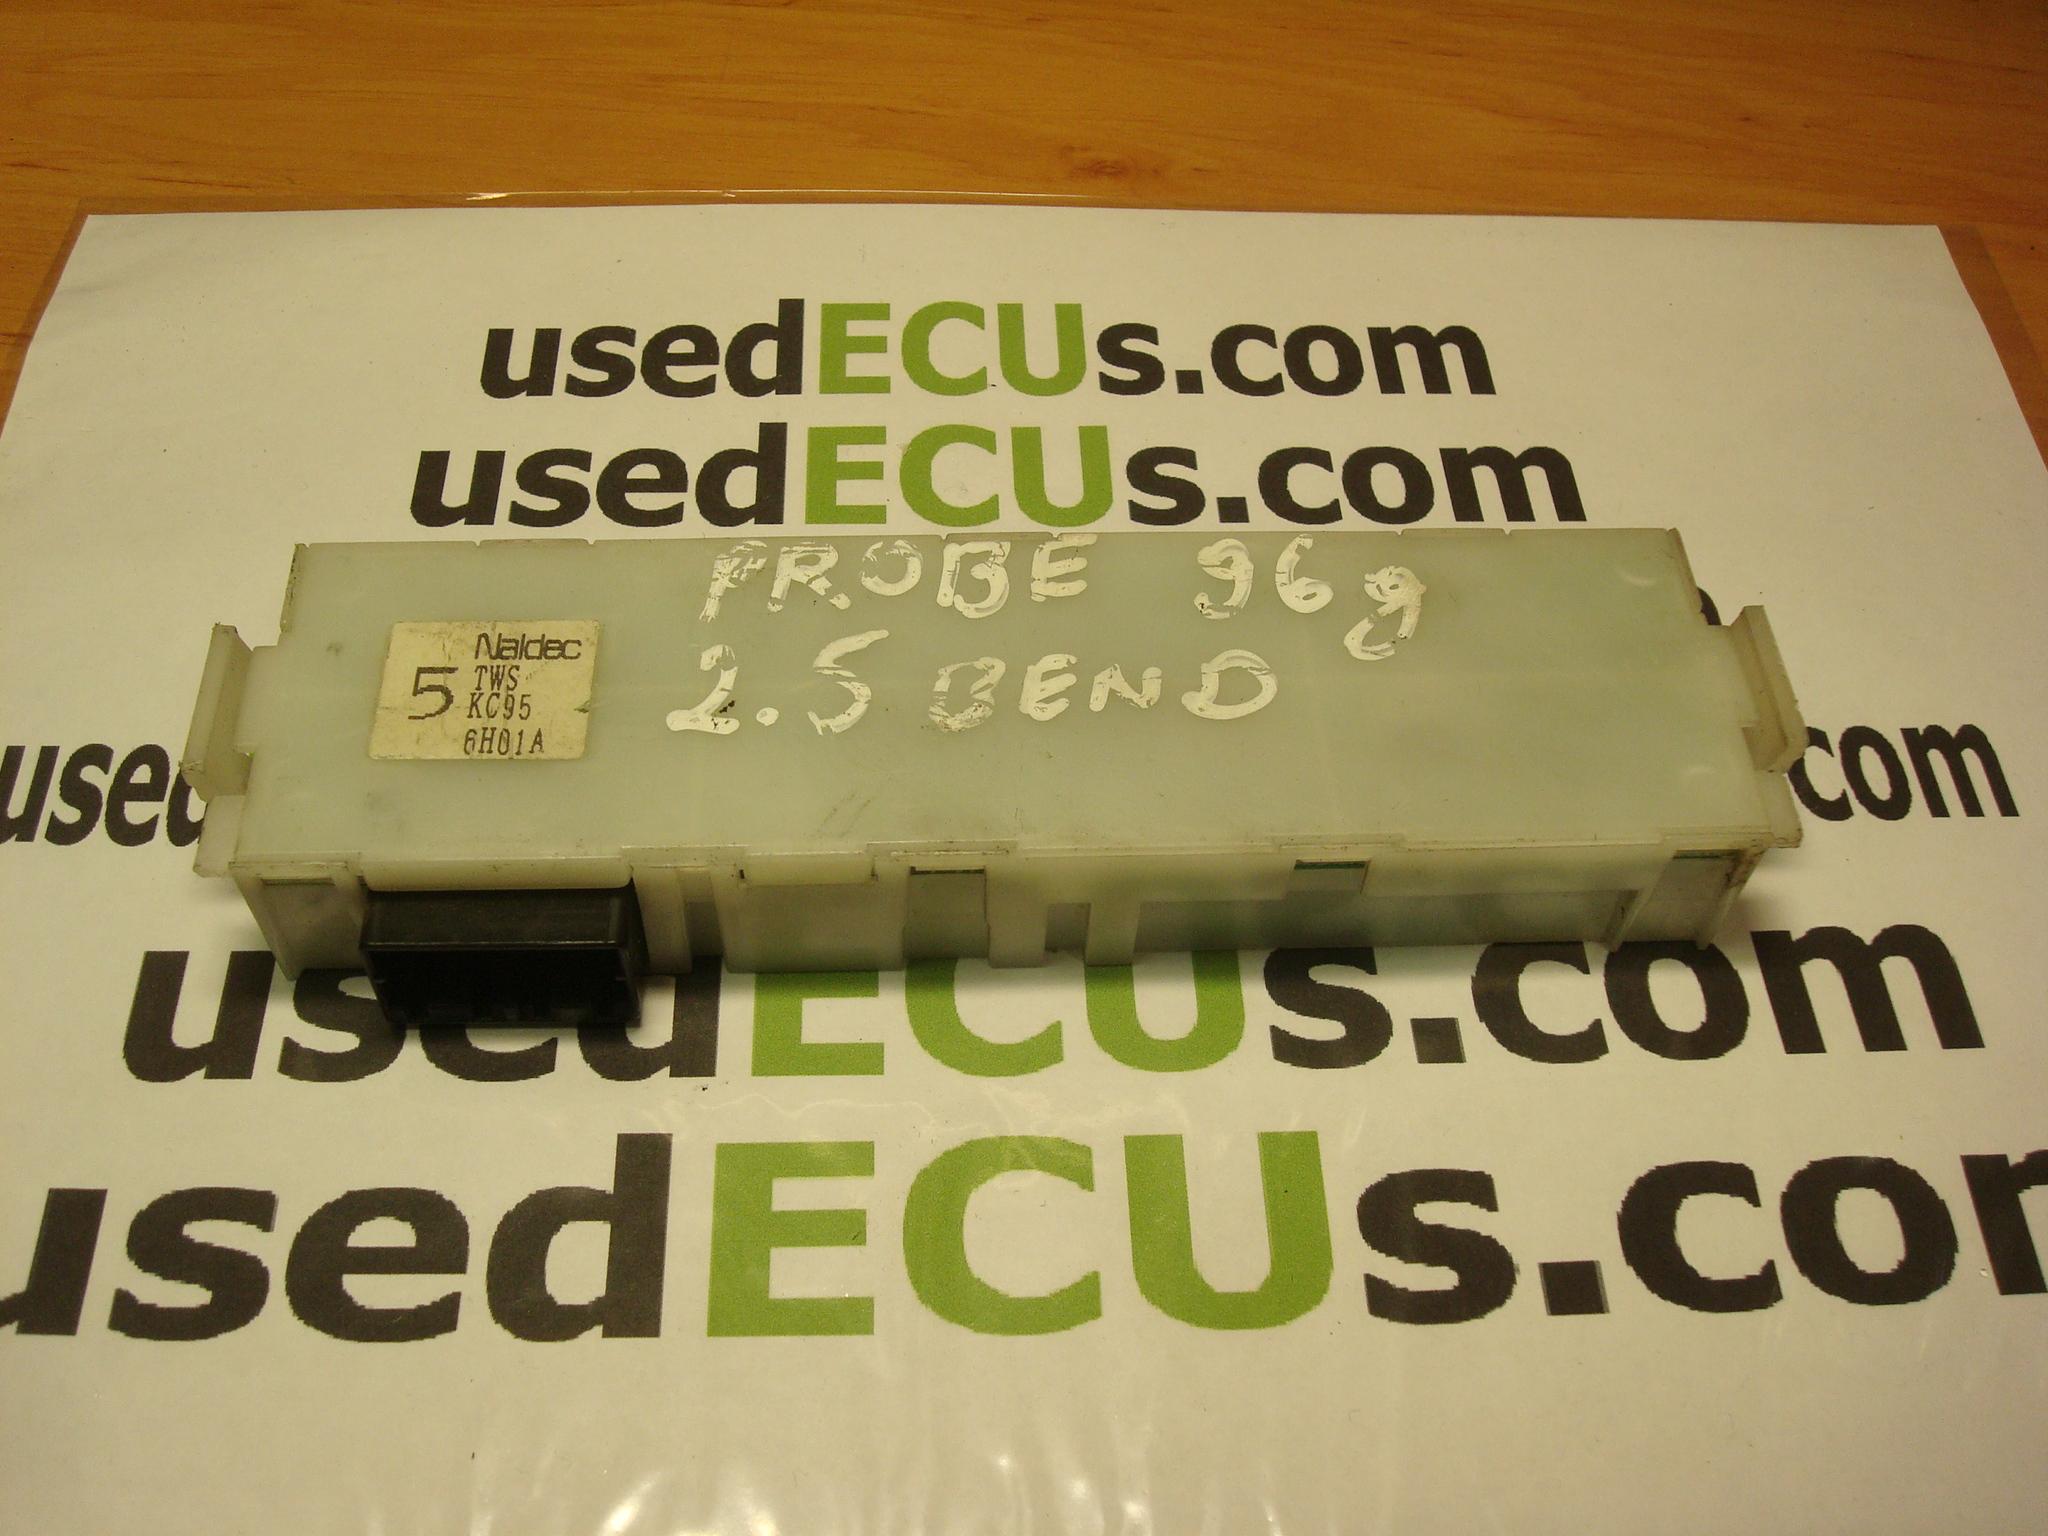 ford probe, 95, 2,5 petrol, fuse box ecu, naldec, 5 tws kc95 6h01a -  usedecus.com  catalog - usedecus.com